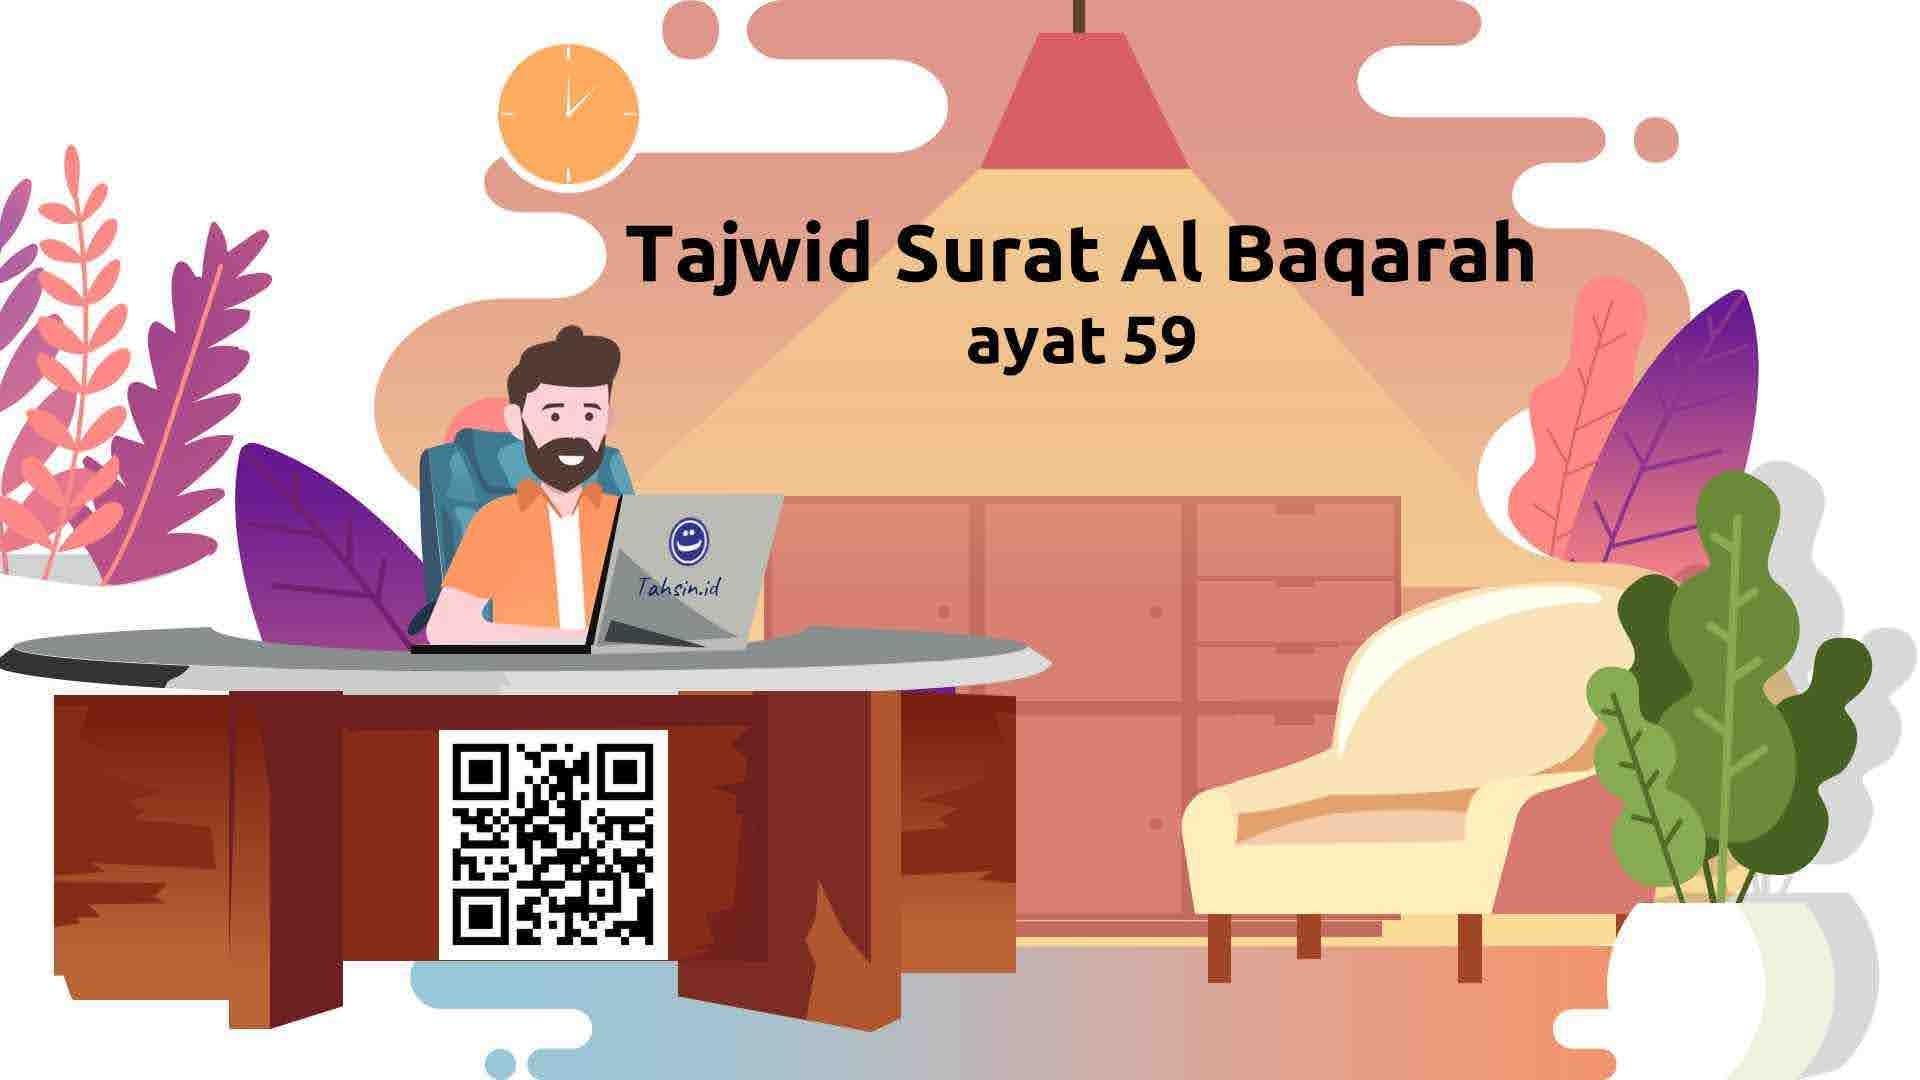 Tajwid-surat-al-baqarah-ayat-59